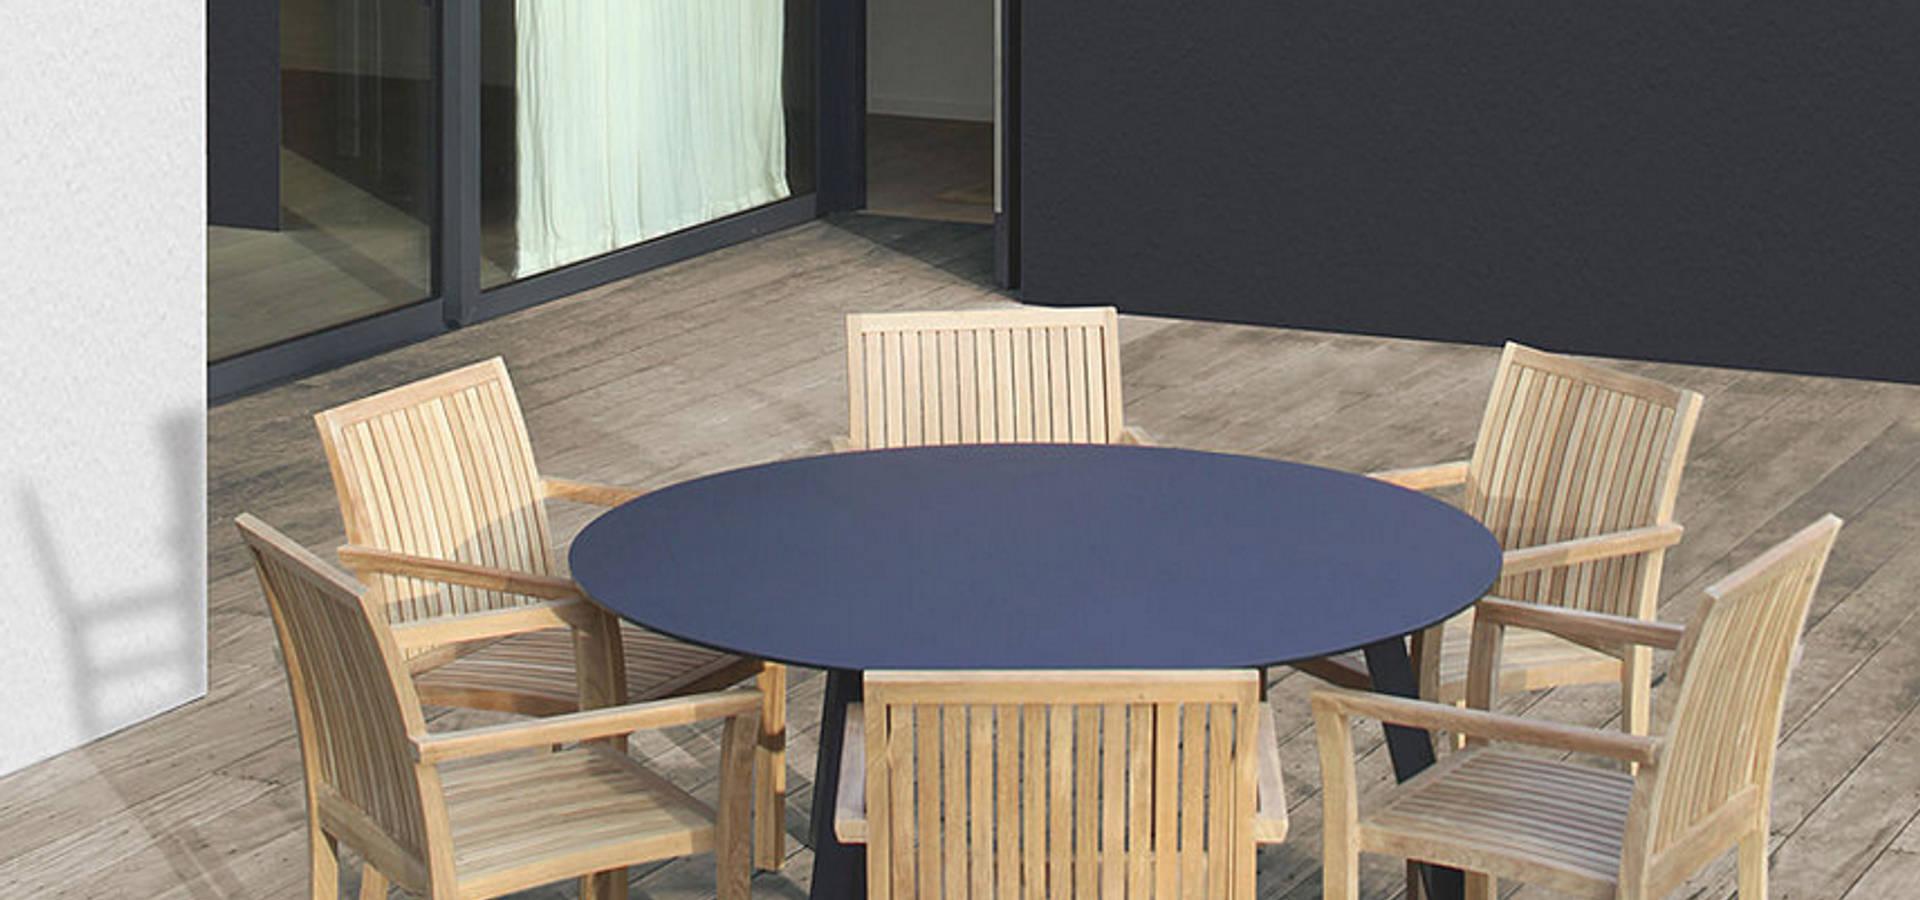 Mobiliario de jardines y exteriores by muebles caparros homify - Mobiliario de exteriores ...